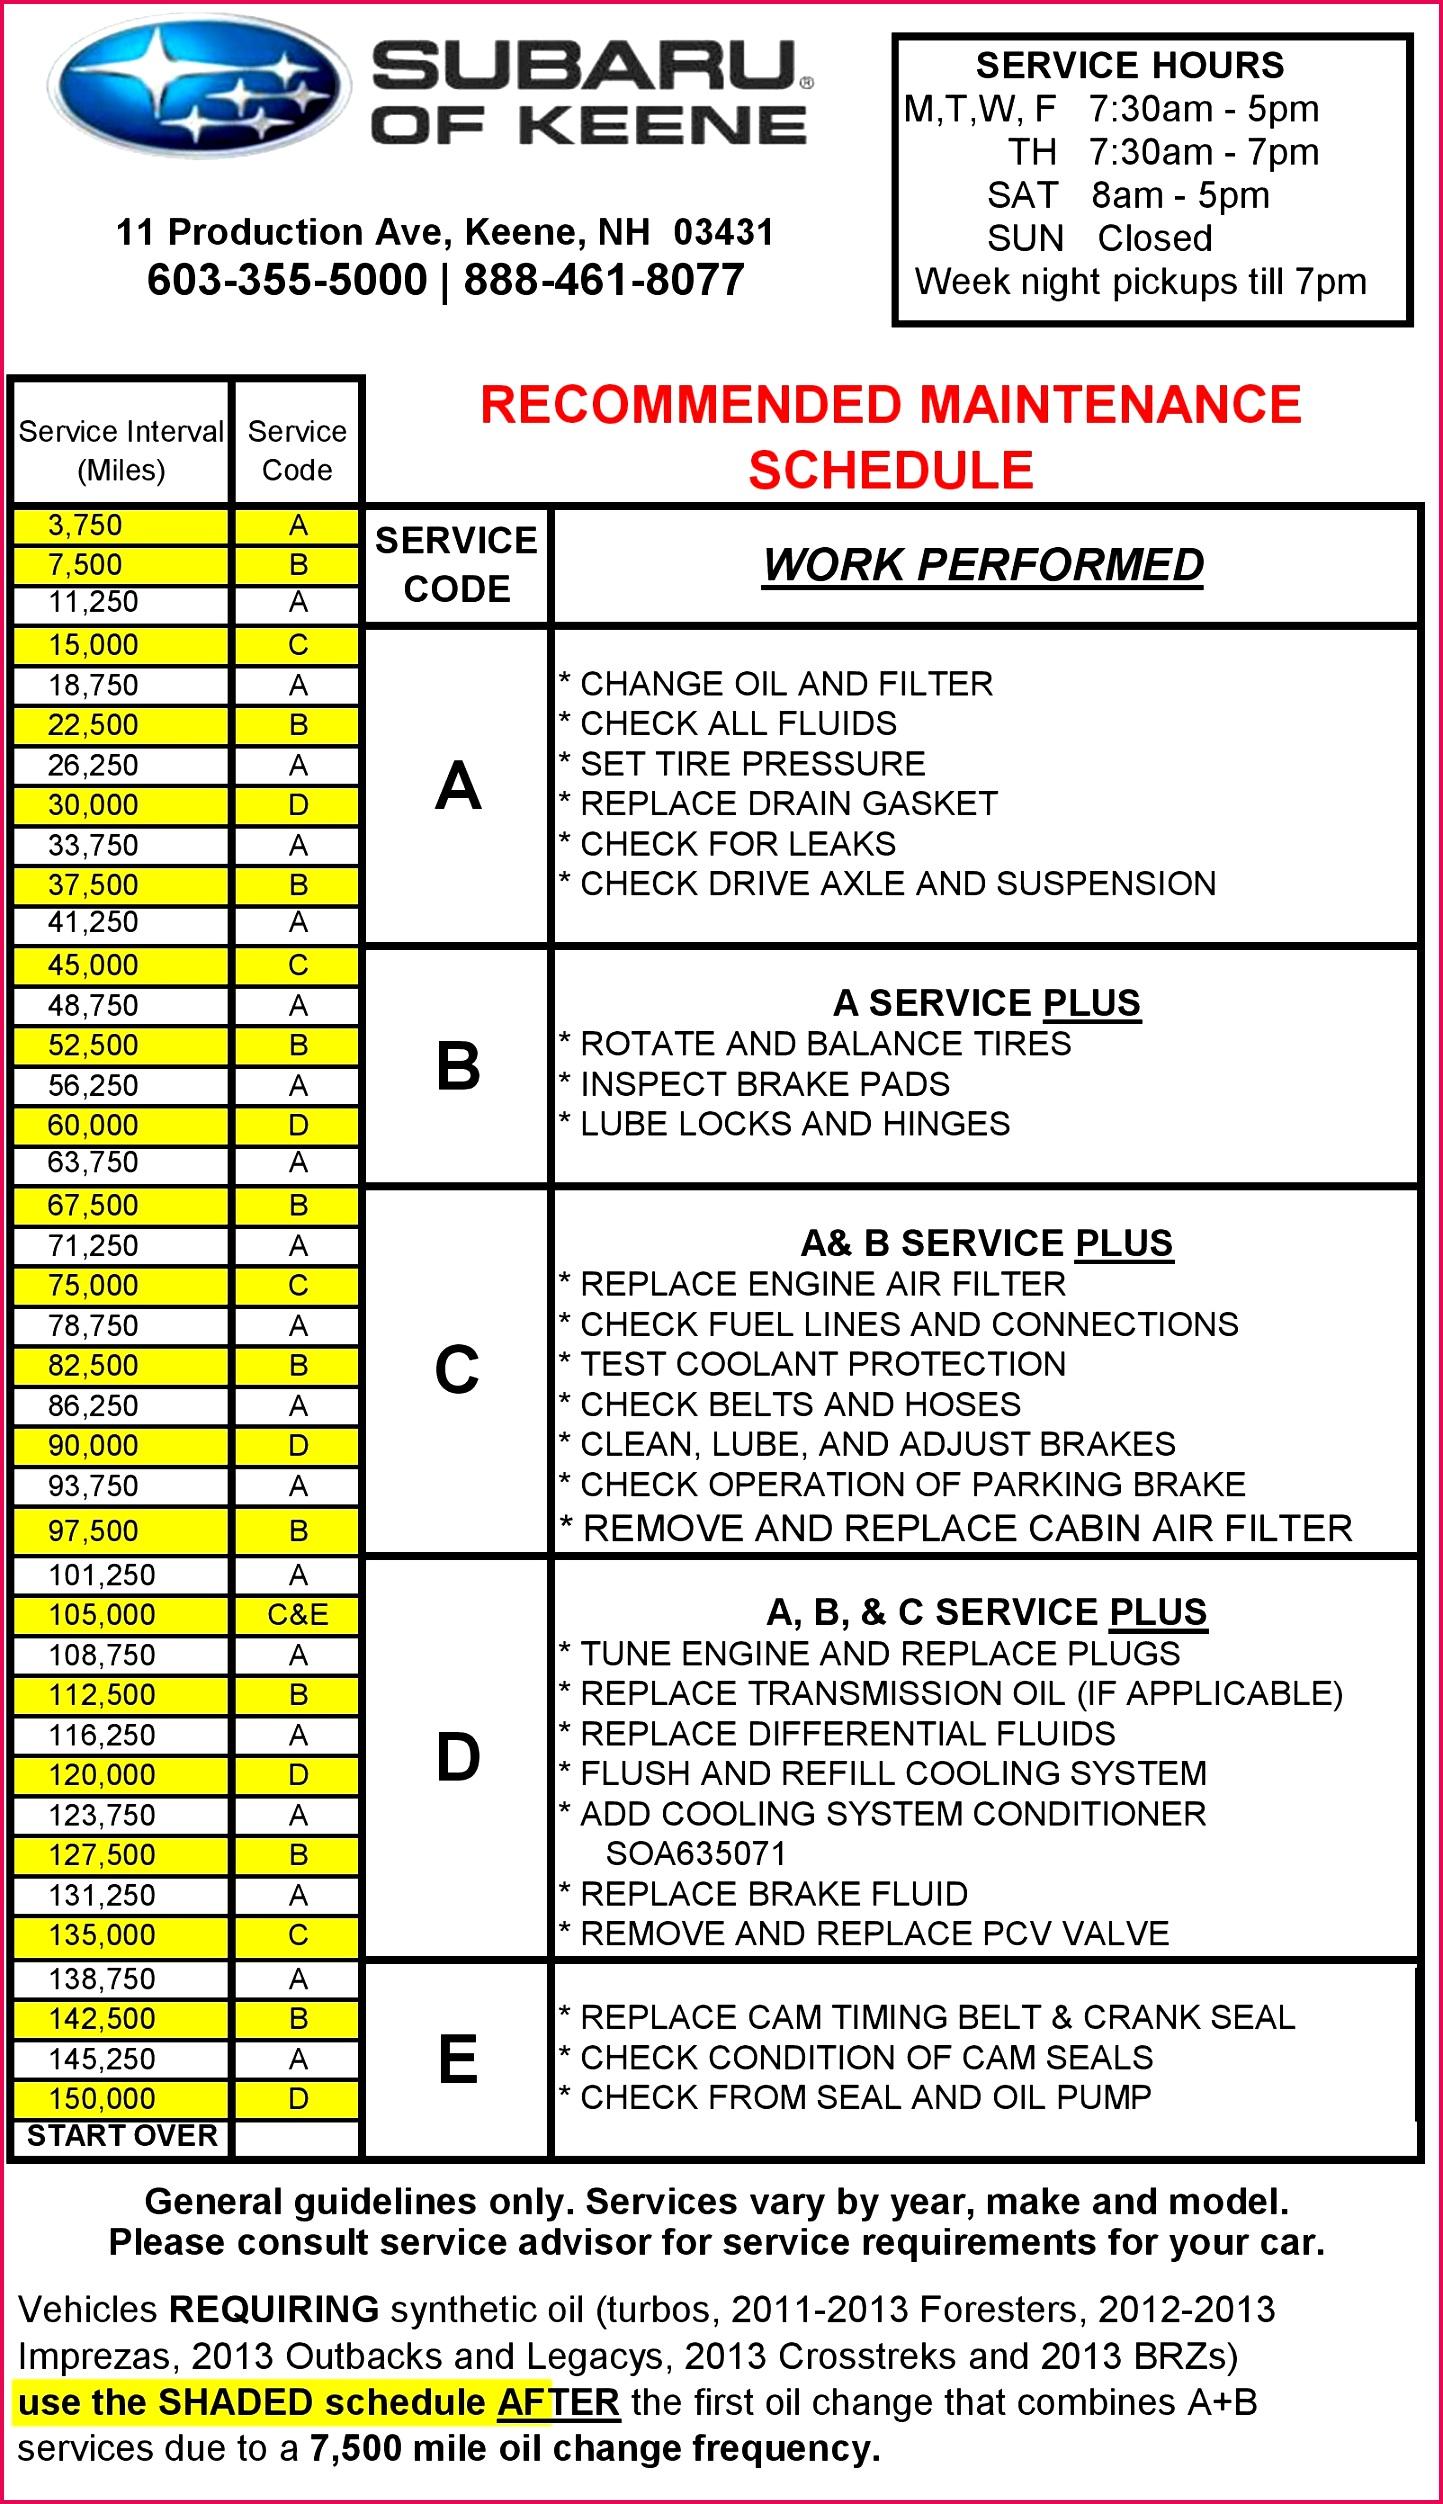 Employee Timesheet Spreadsheet for Fleet Maintenance Spreadsheet Excel Elegant Preventive Maintenance